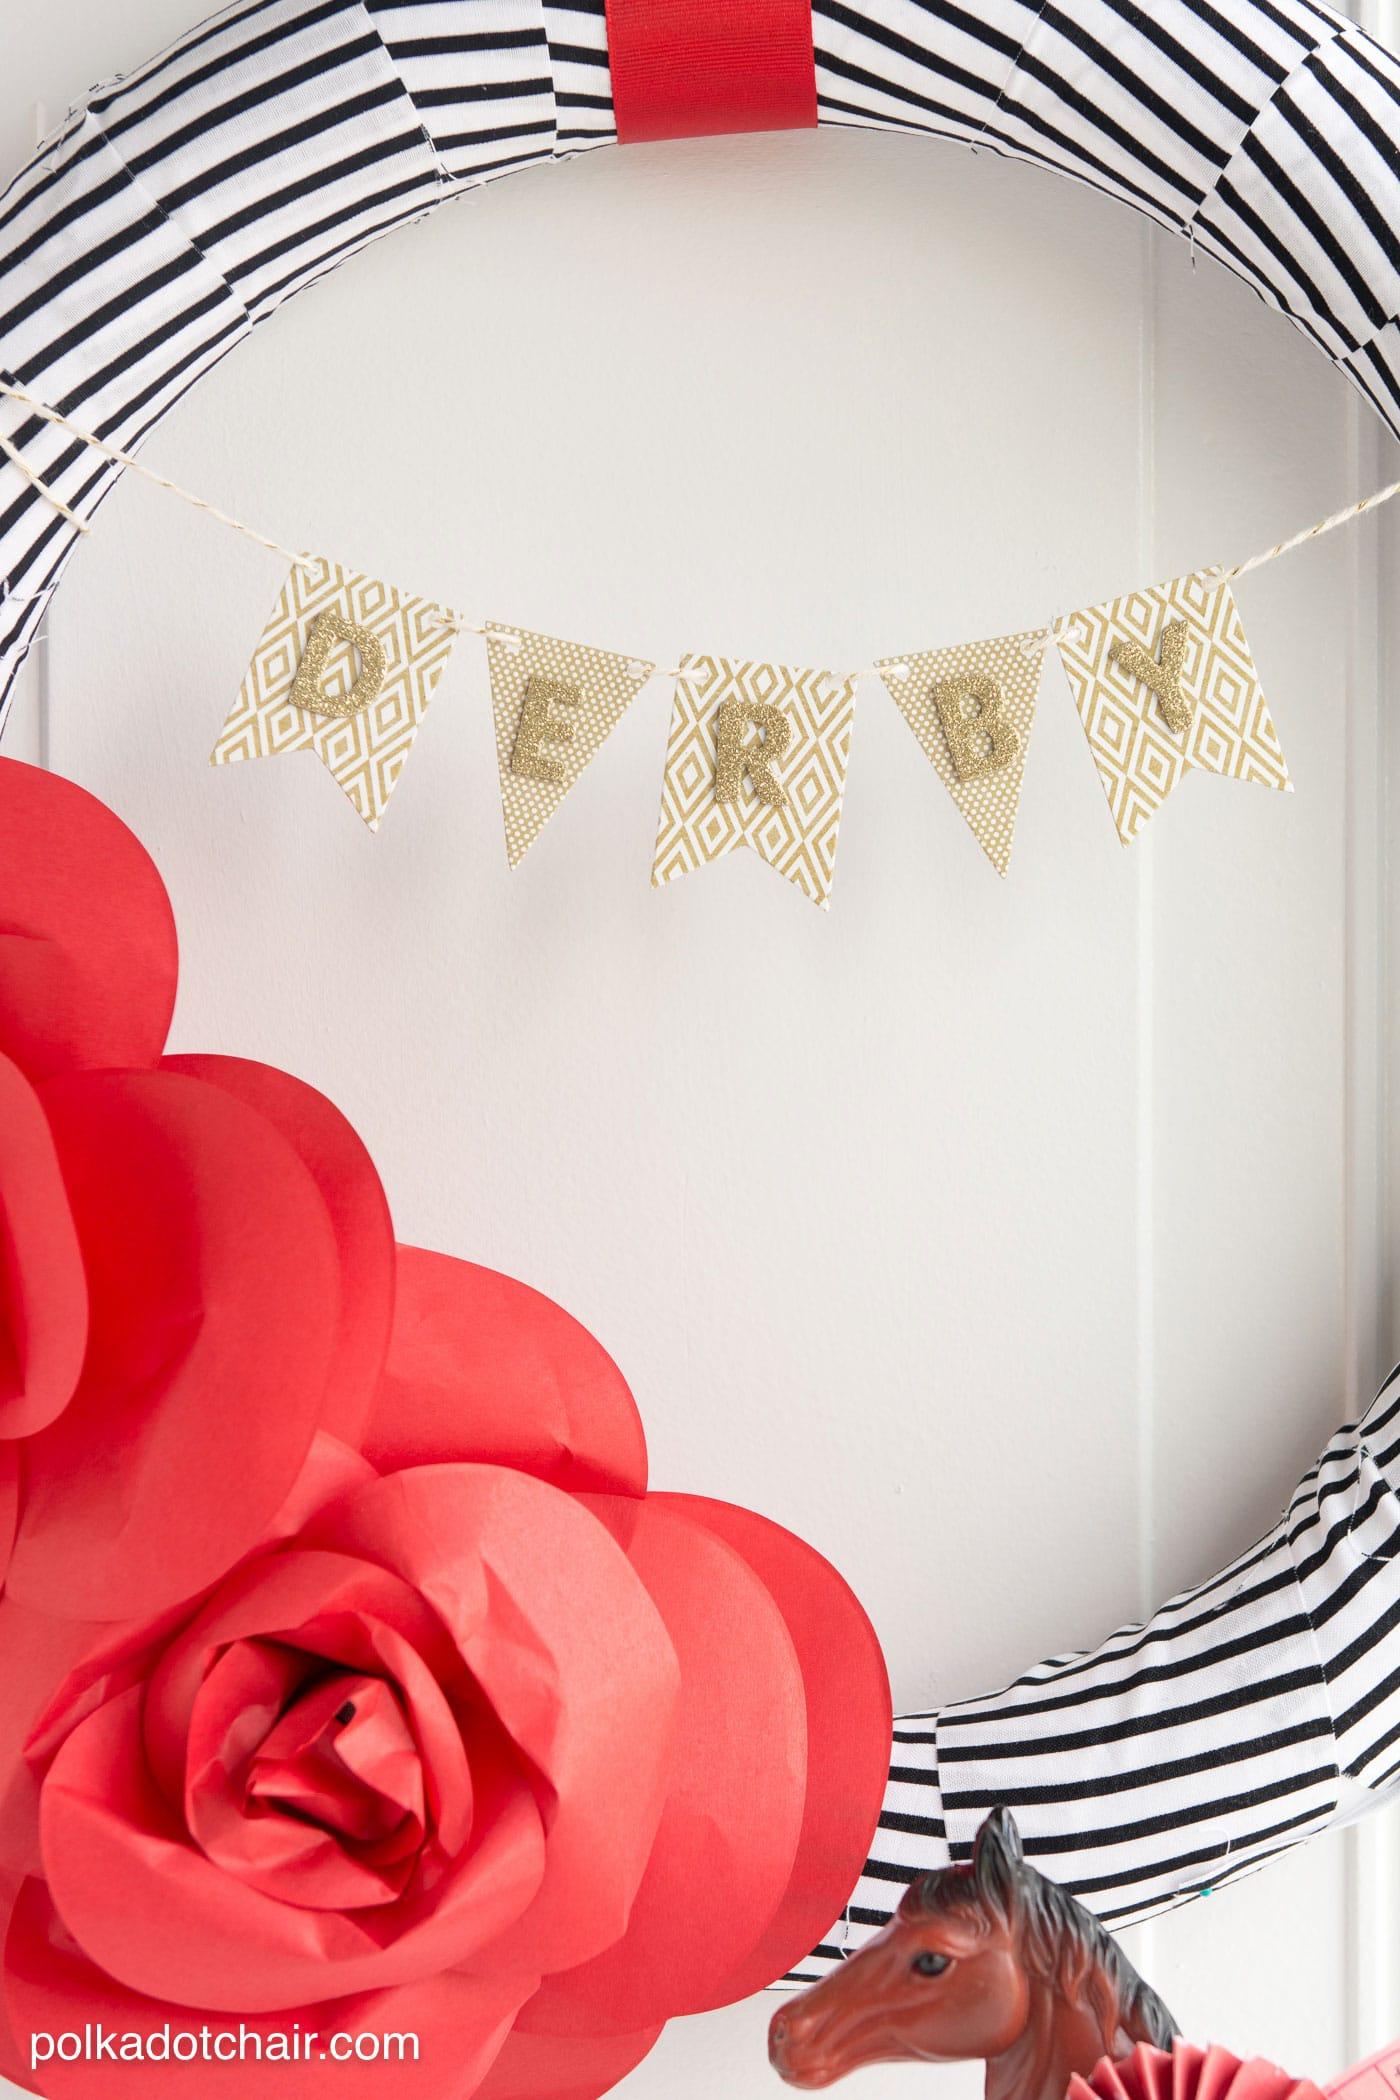 diy paper flower wreath tutorial  a kentucky derby